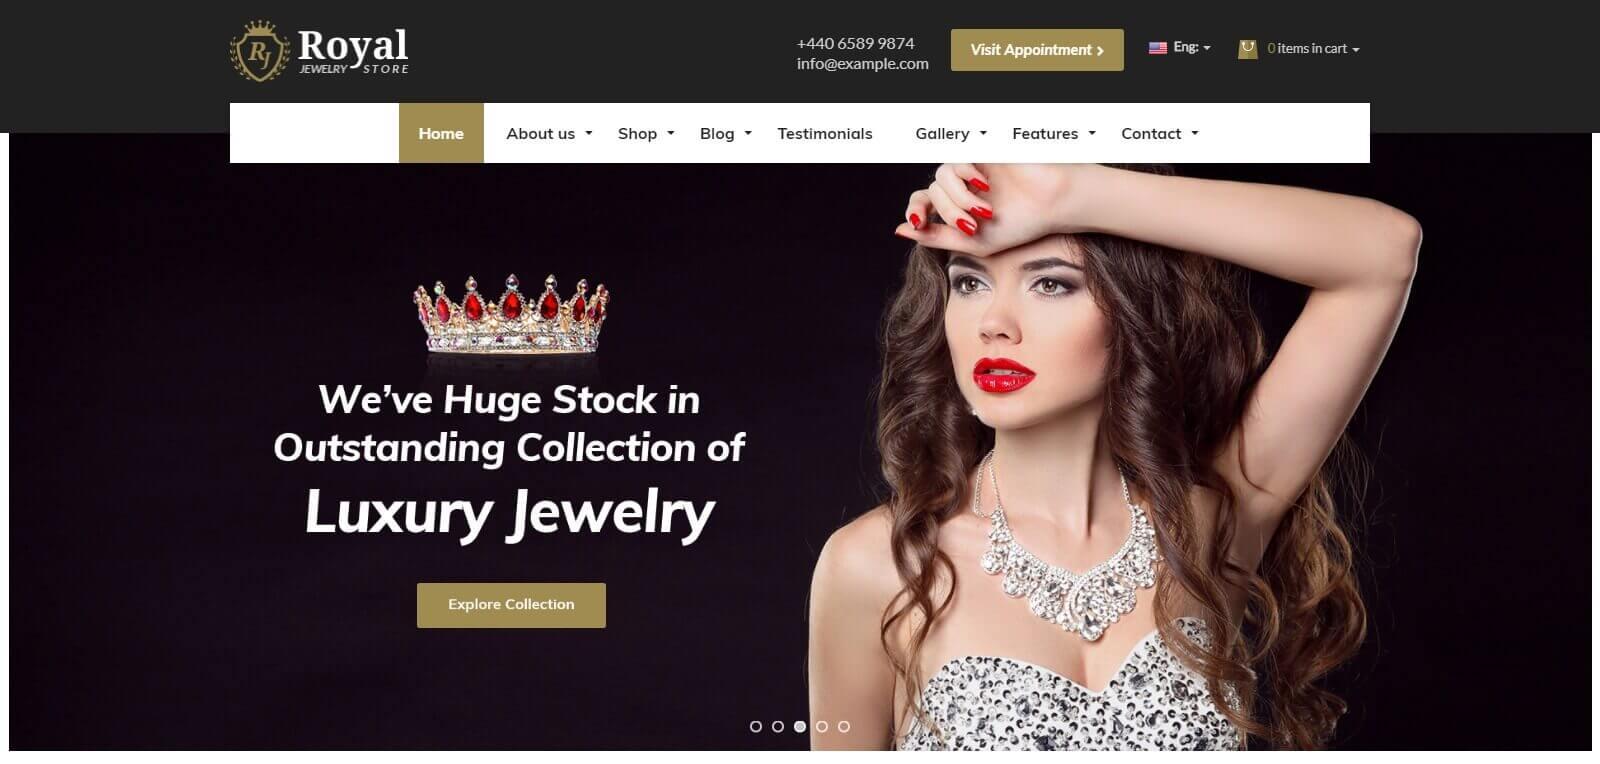 Thiết kế website bán hàng dây chuyền, trang sức, cơ hội mở rộng kinh doanh